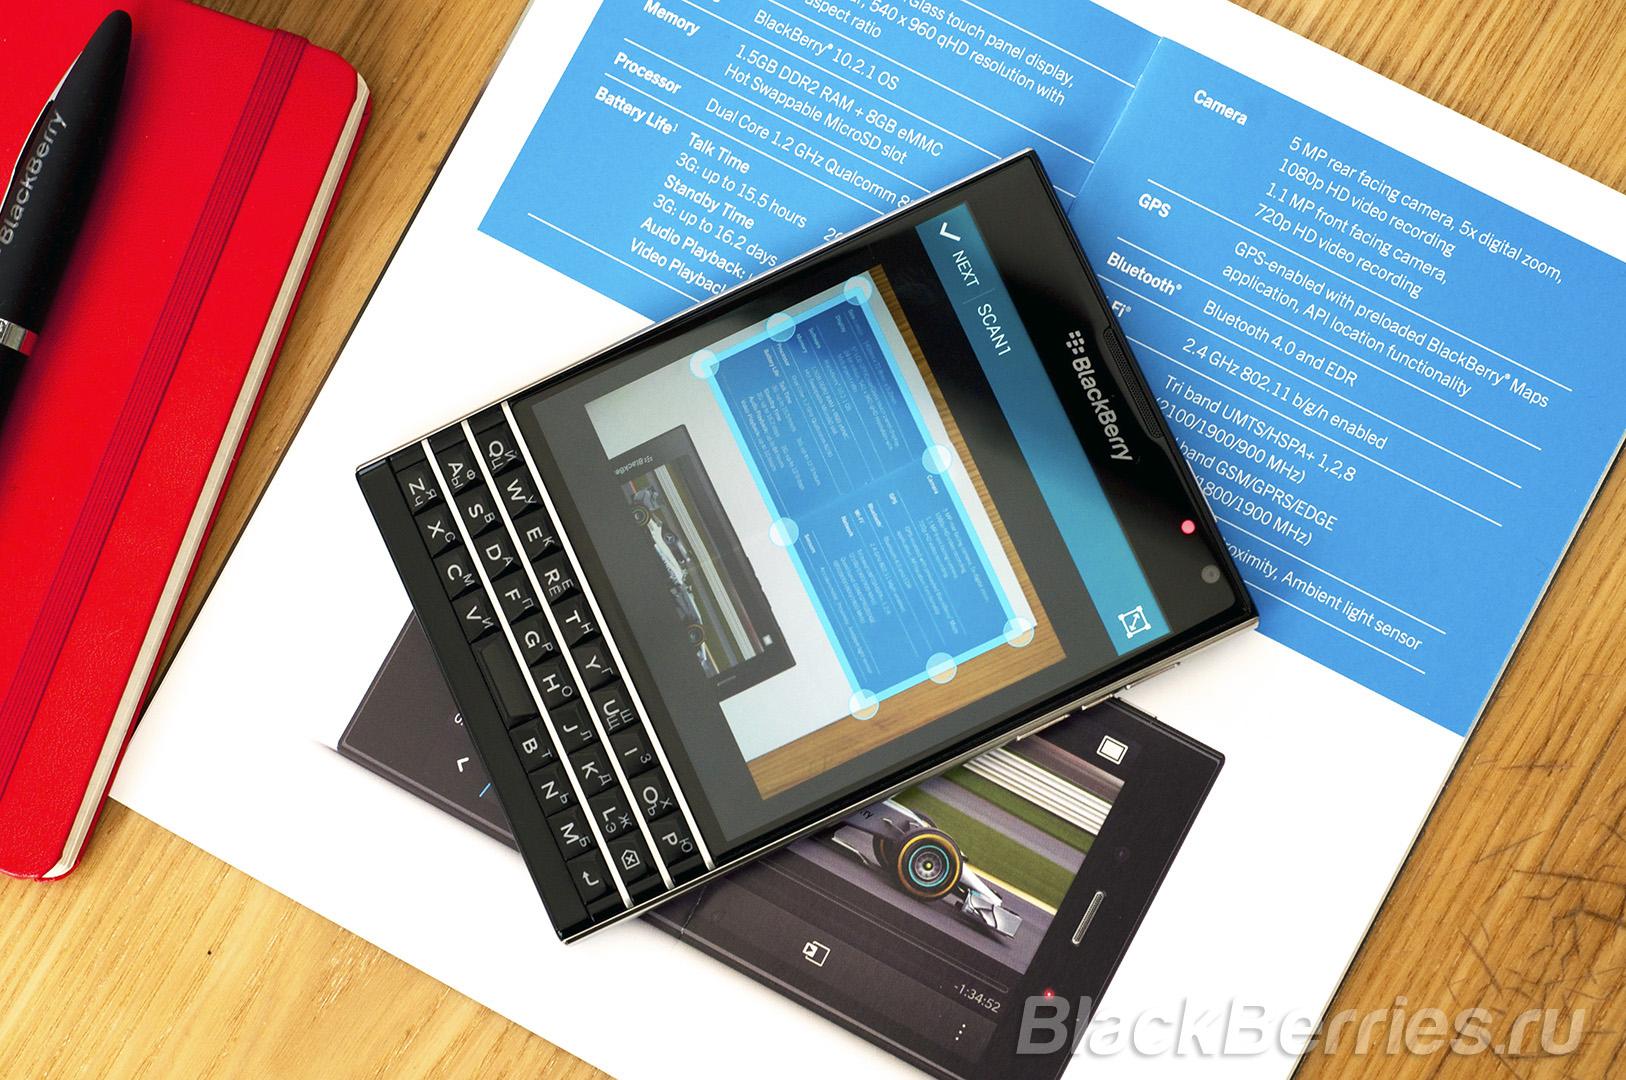 BlackBerry-Passport-App-Review-2-12